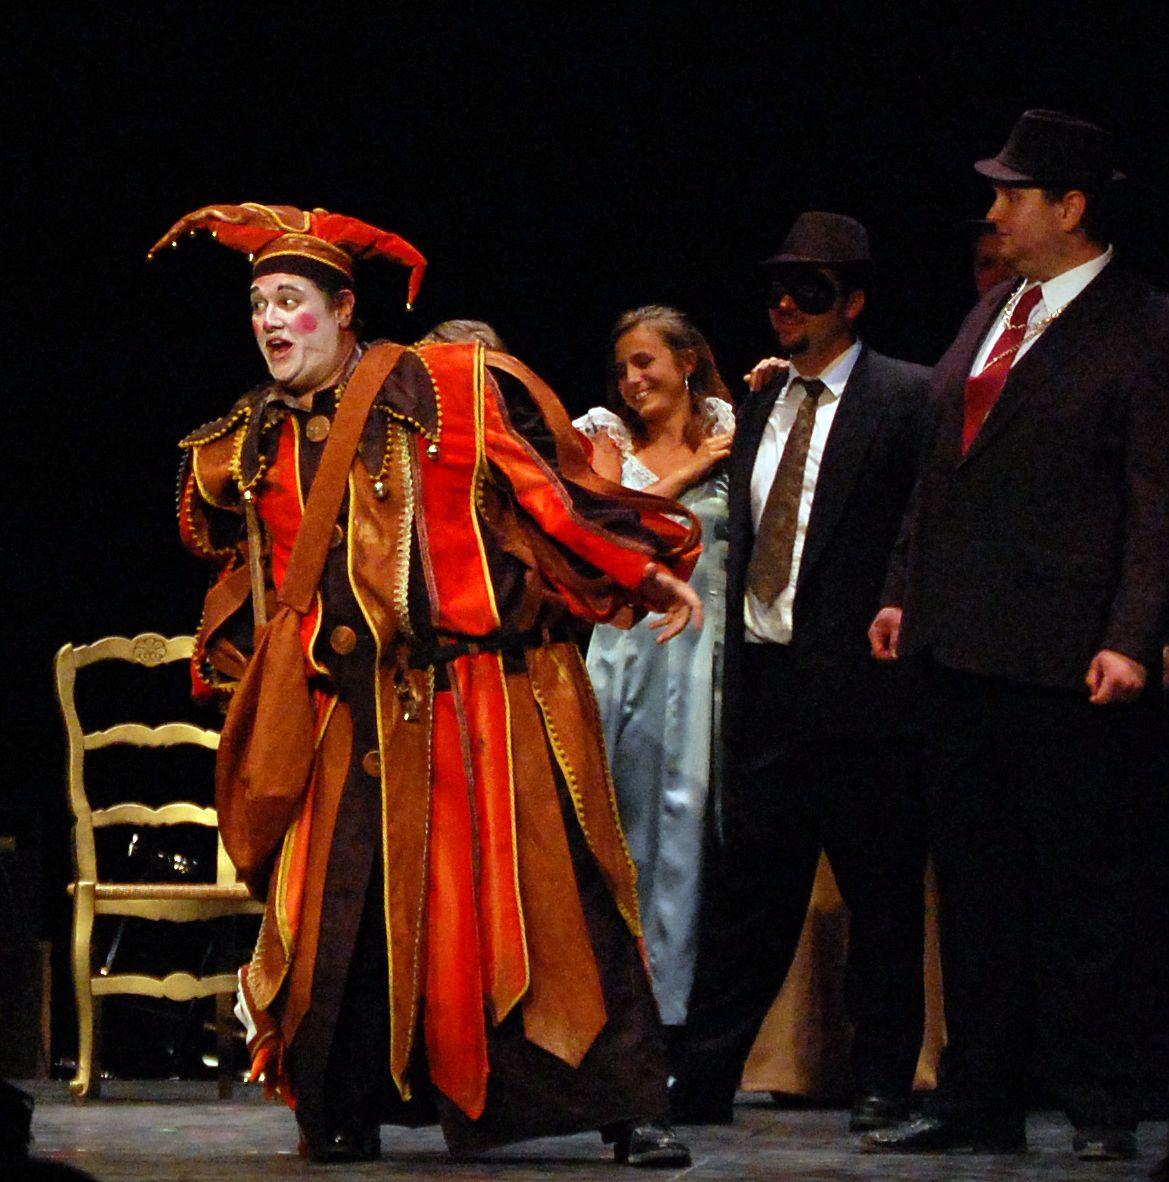 Virginie-Stucki-Recup-And-Cut-Grigny-Rigoletto-Festival Lyrique-en-mer-Duc-de-Mantoue